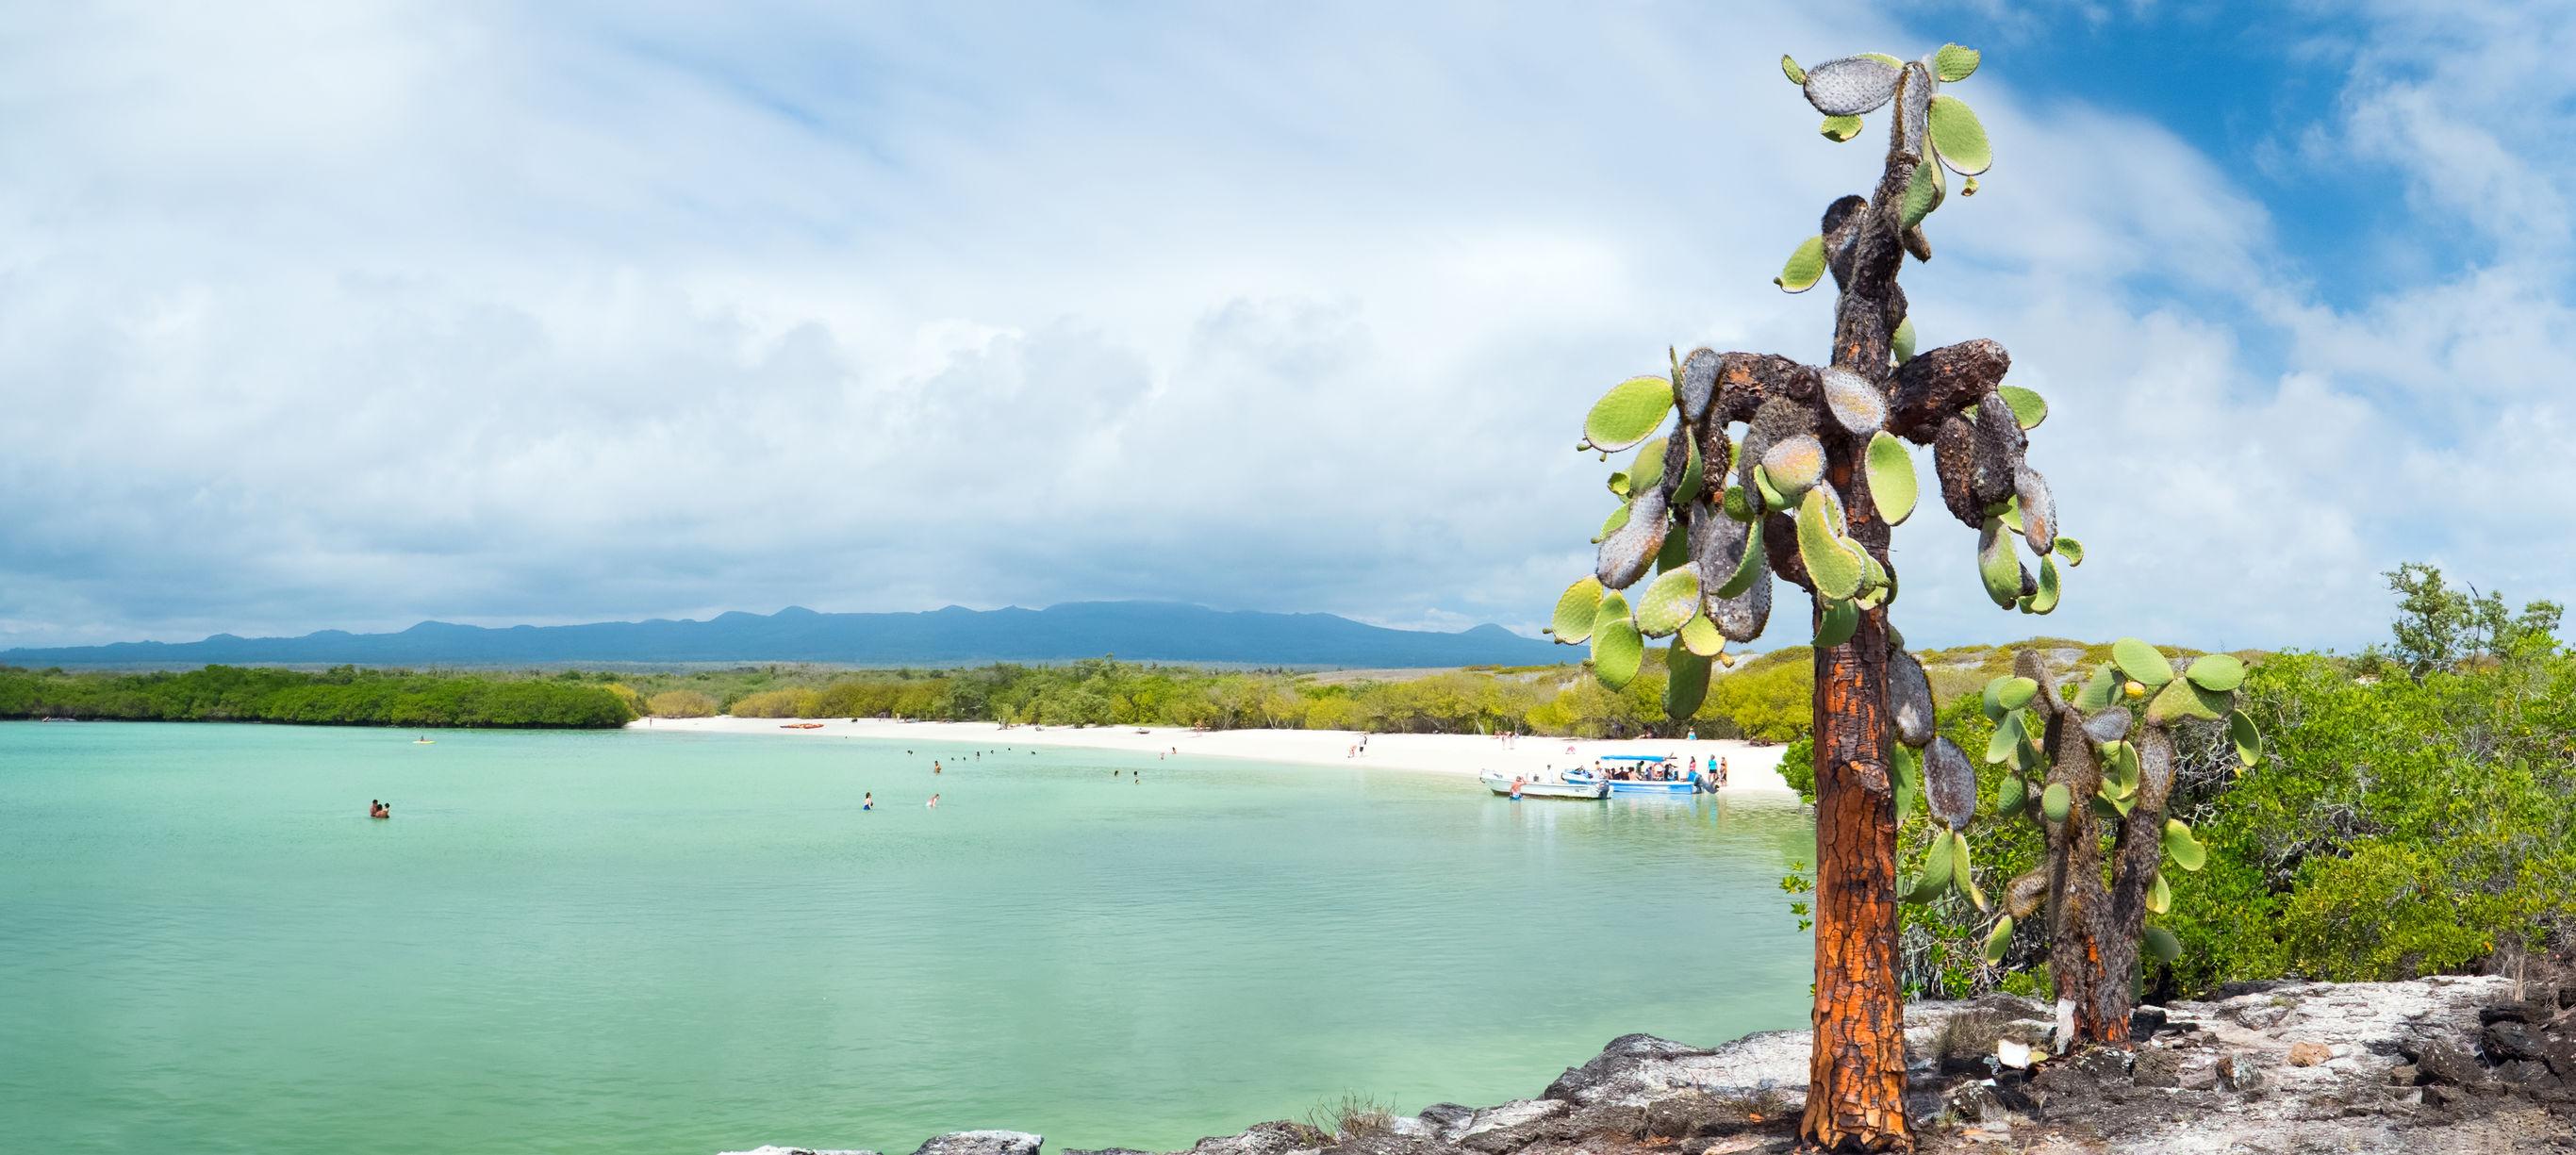 Bouwsteen Galapagos Cruise noordelijke eilanden